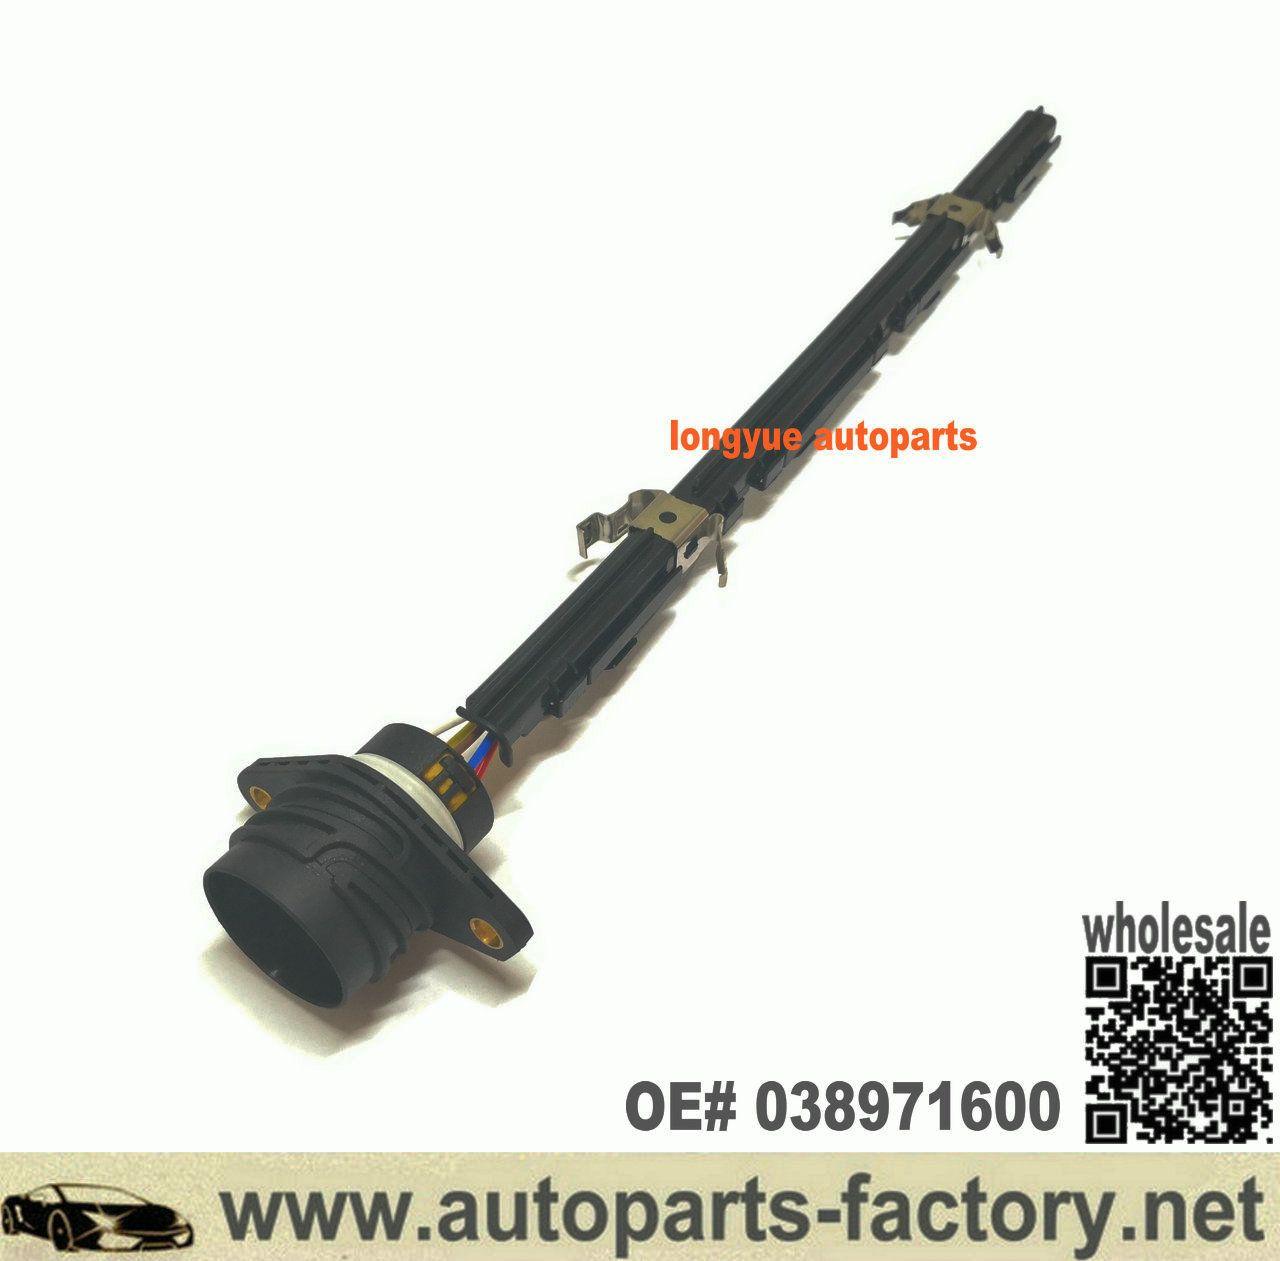 Longyue Genuine Vw Diesel Injector Wiring Loom For Vw 1 9 2 0 8v Tdi Pd Engines 038971600 Vw Diesel Diesel Tdi